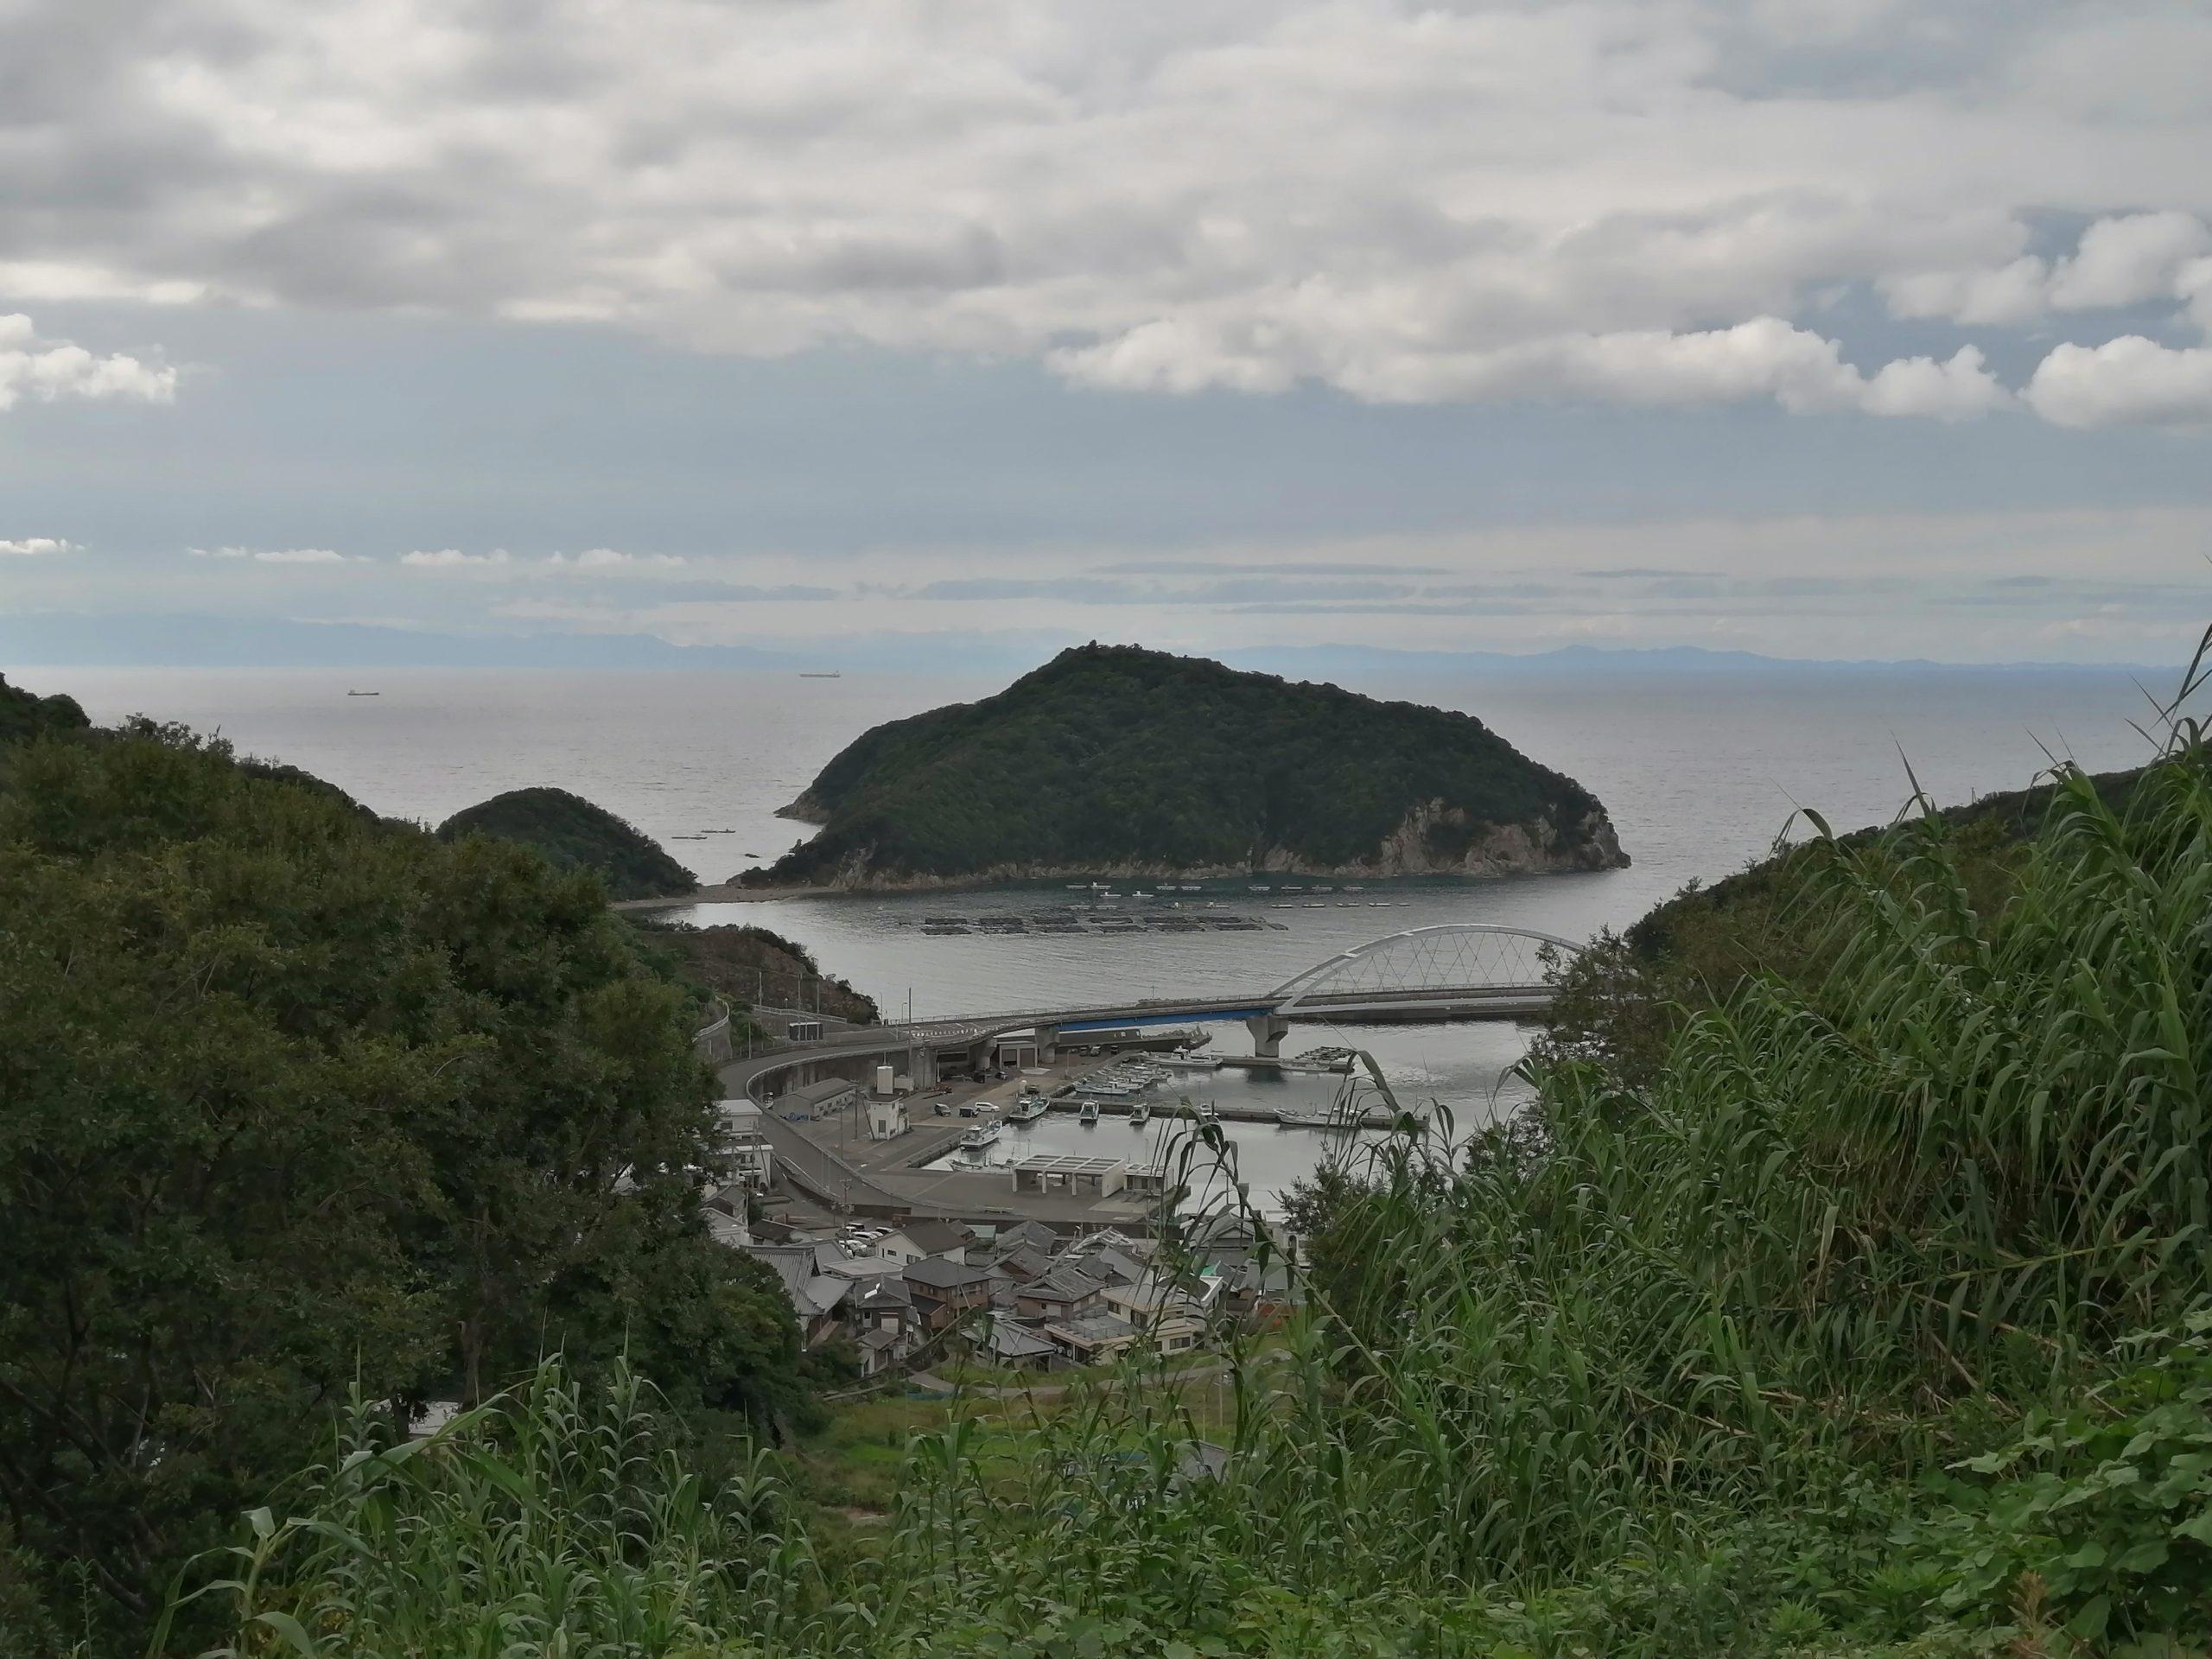 戸津井鍾乳洞からの景色